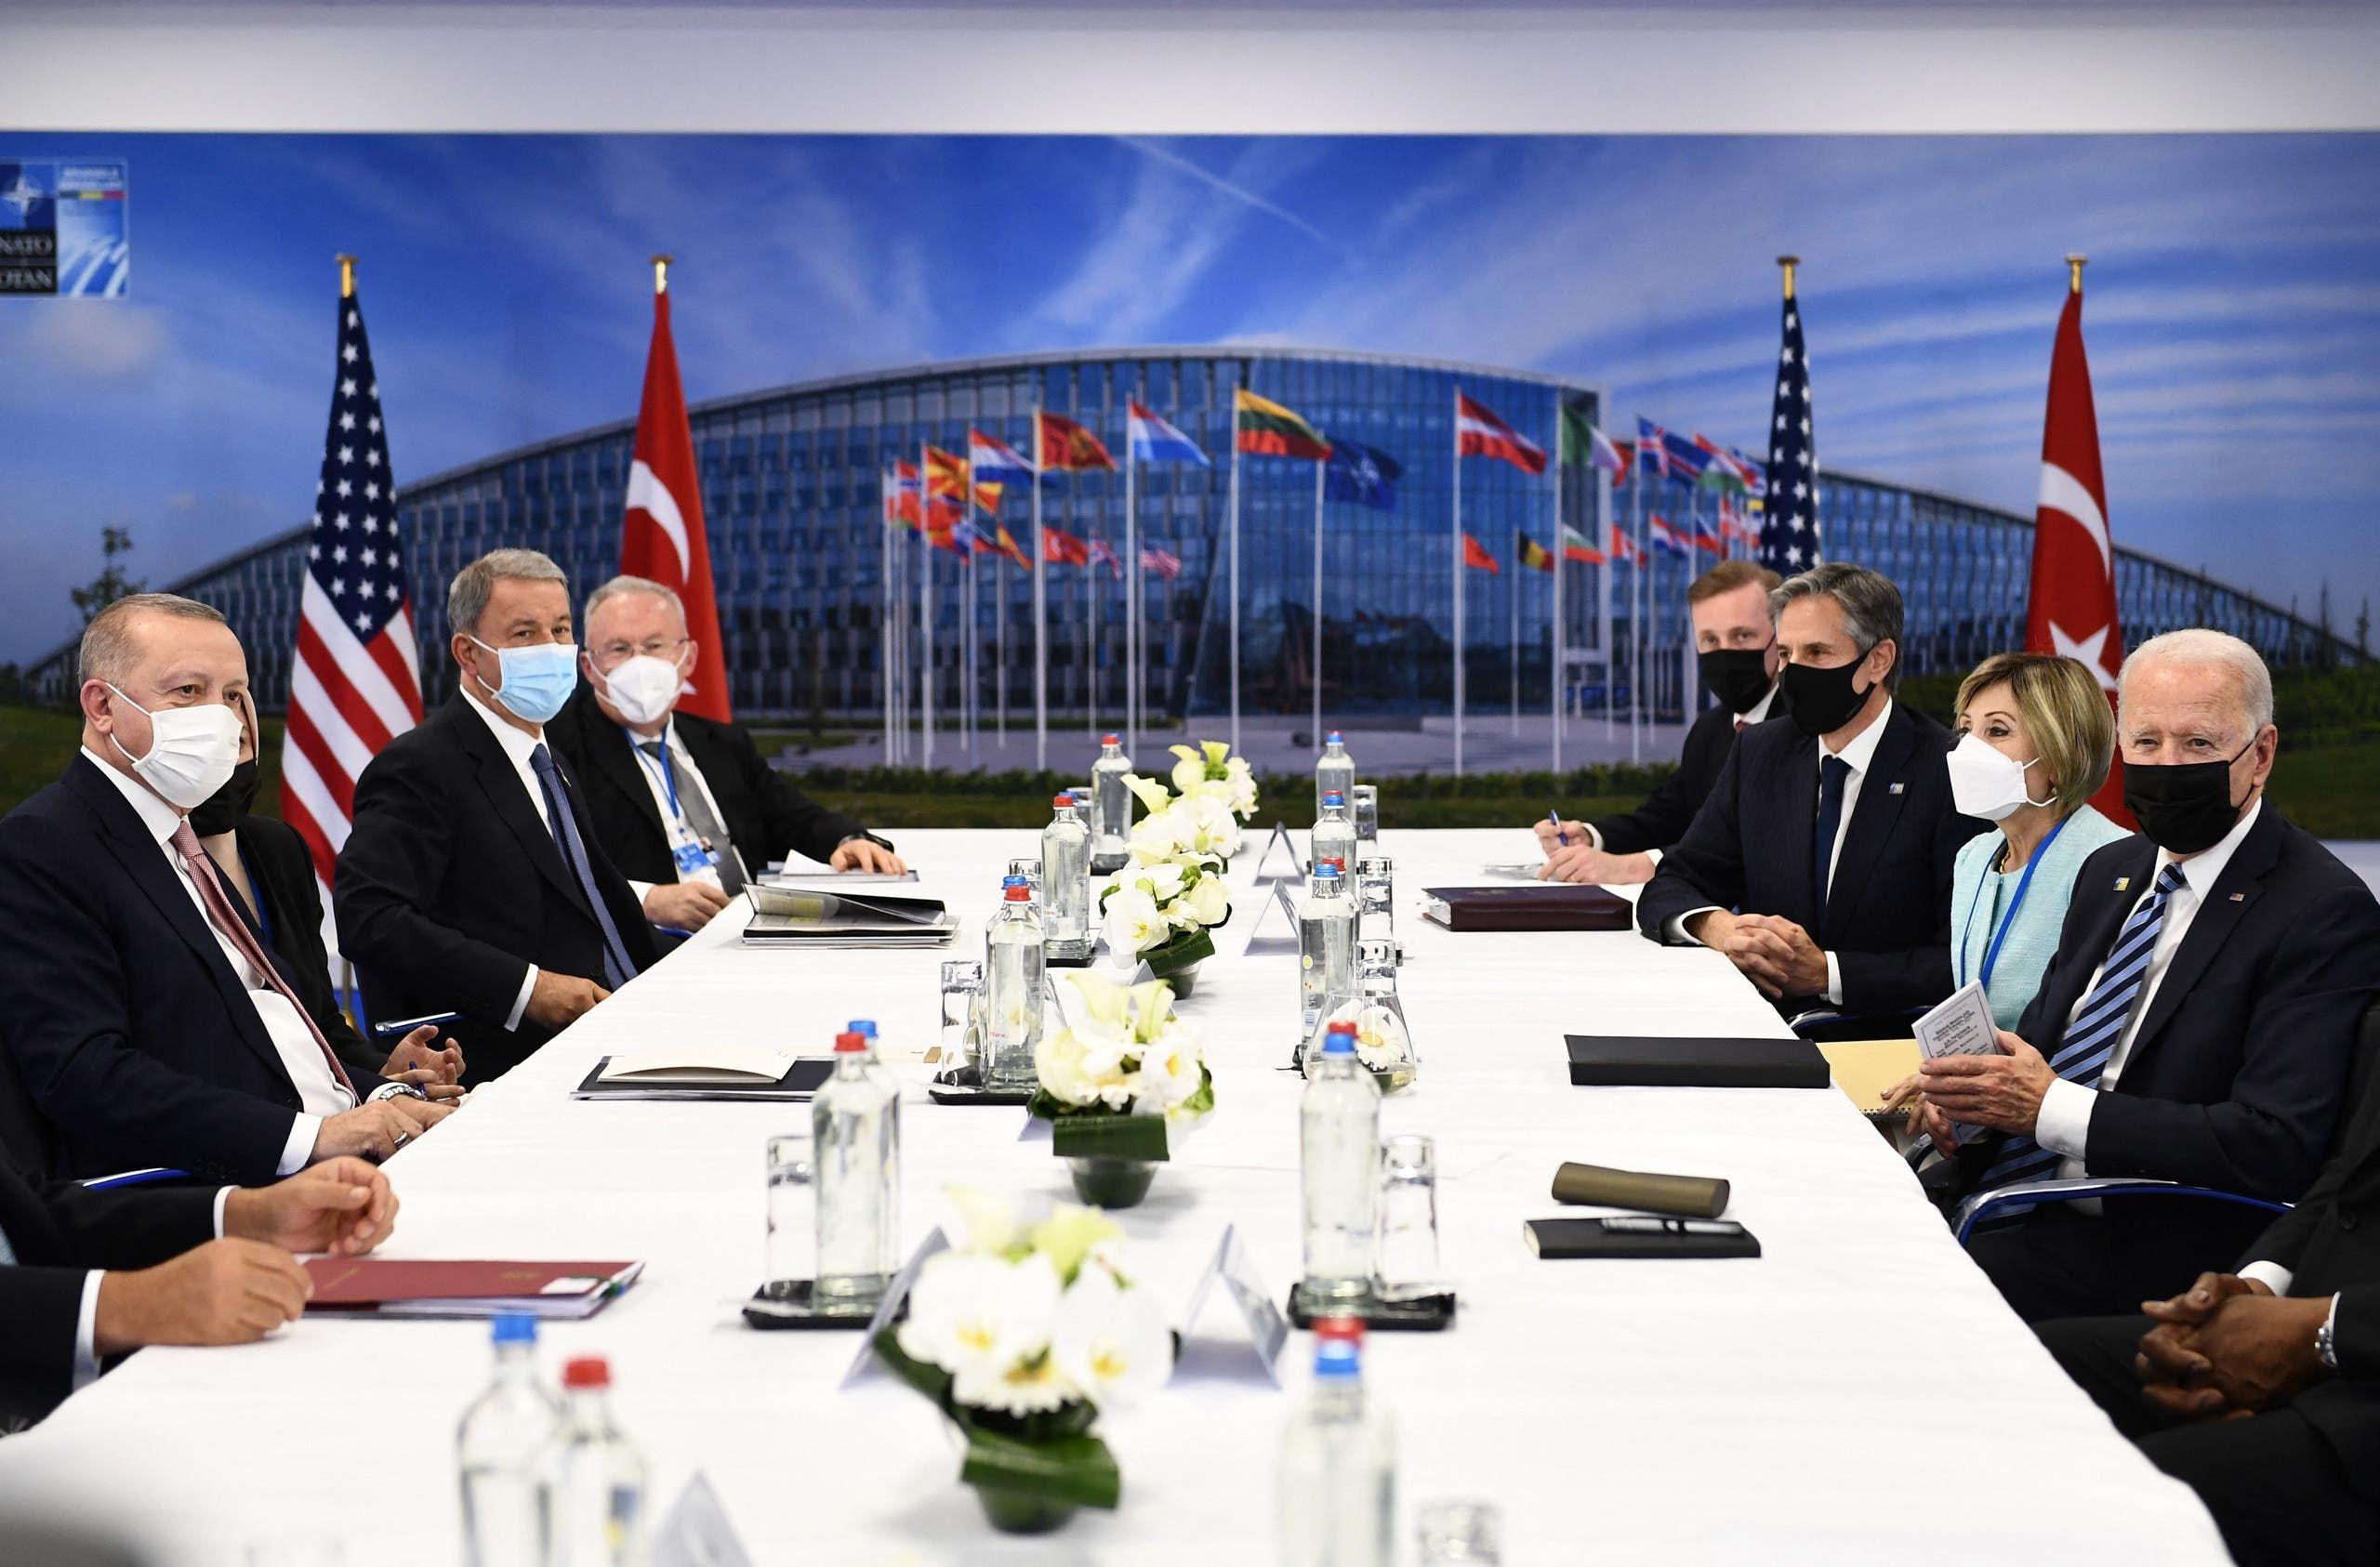 من اجتماع الناتو في بروكسيل الإثنين 14 يونيو 2021 (فراس برس)